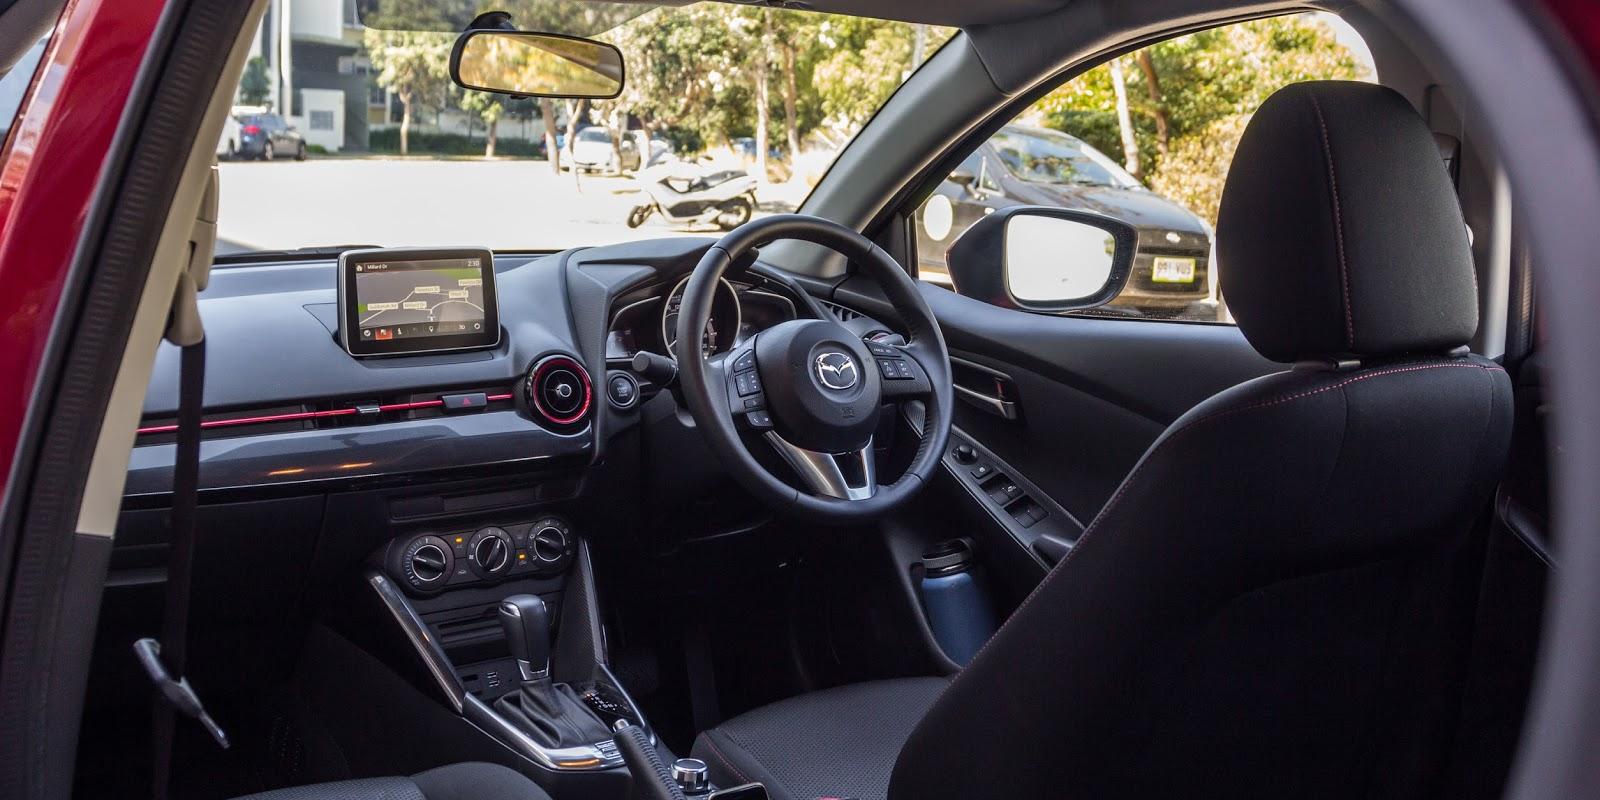 Mazda 2 2016 là chiếc xe có nội thất đẹp nhất trong phân khúc